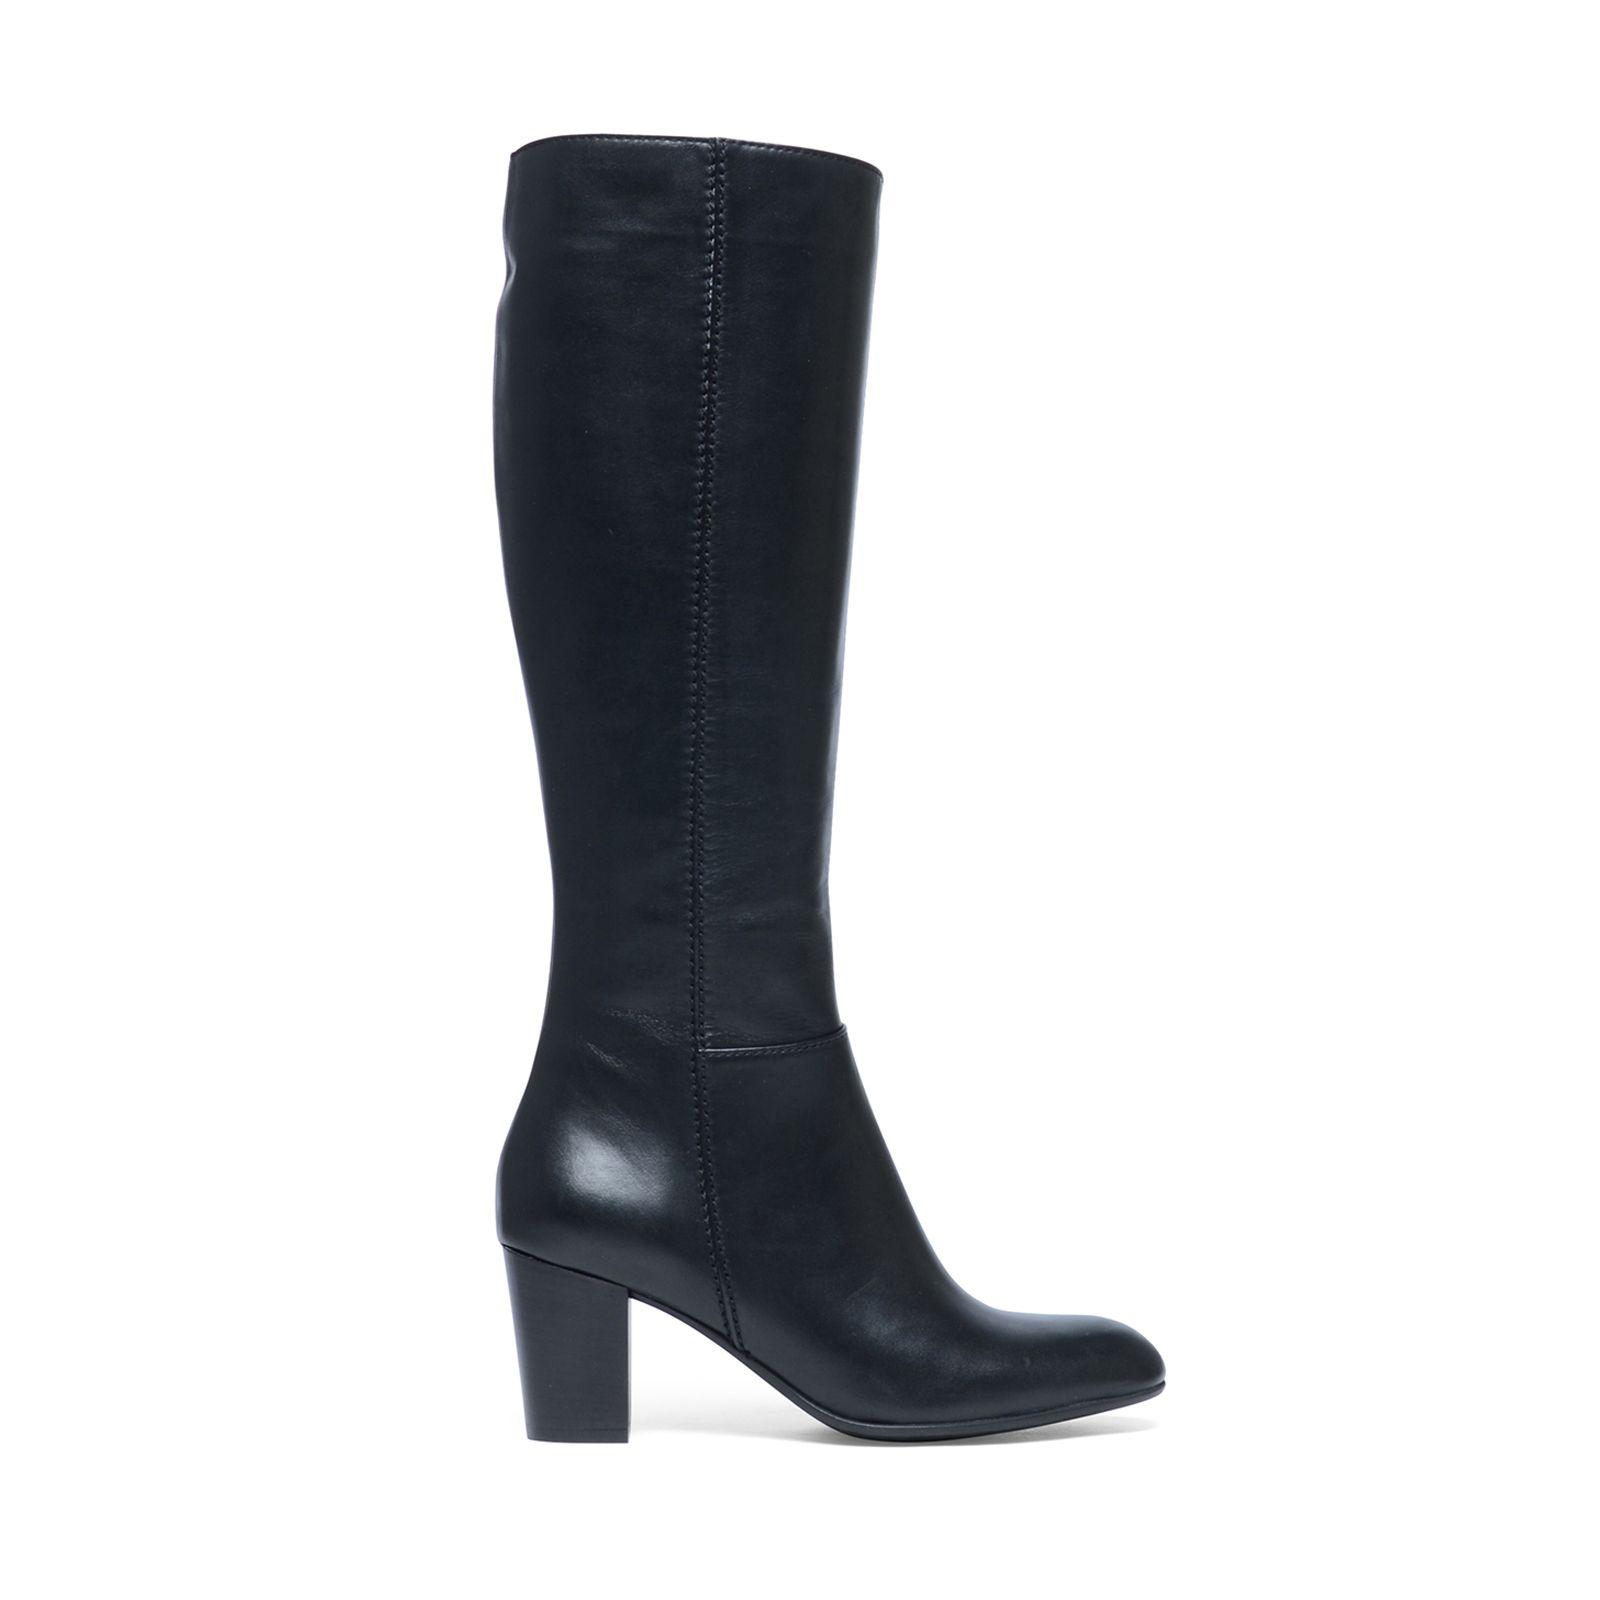 Hak Hoge Zwarte Laarzen Manfield Met Dames OvR7qaw